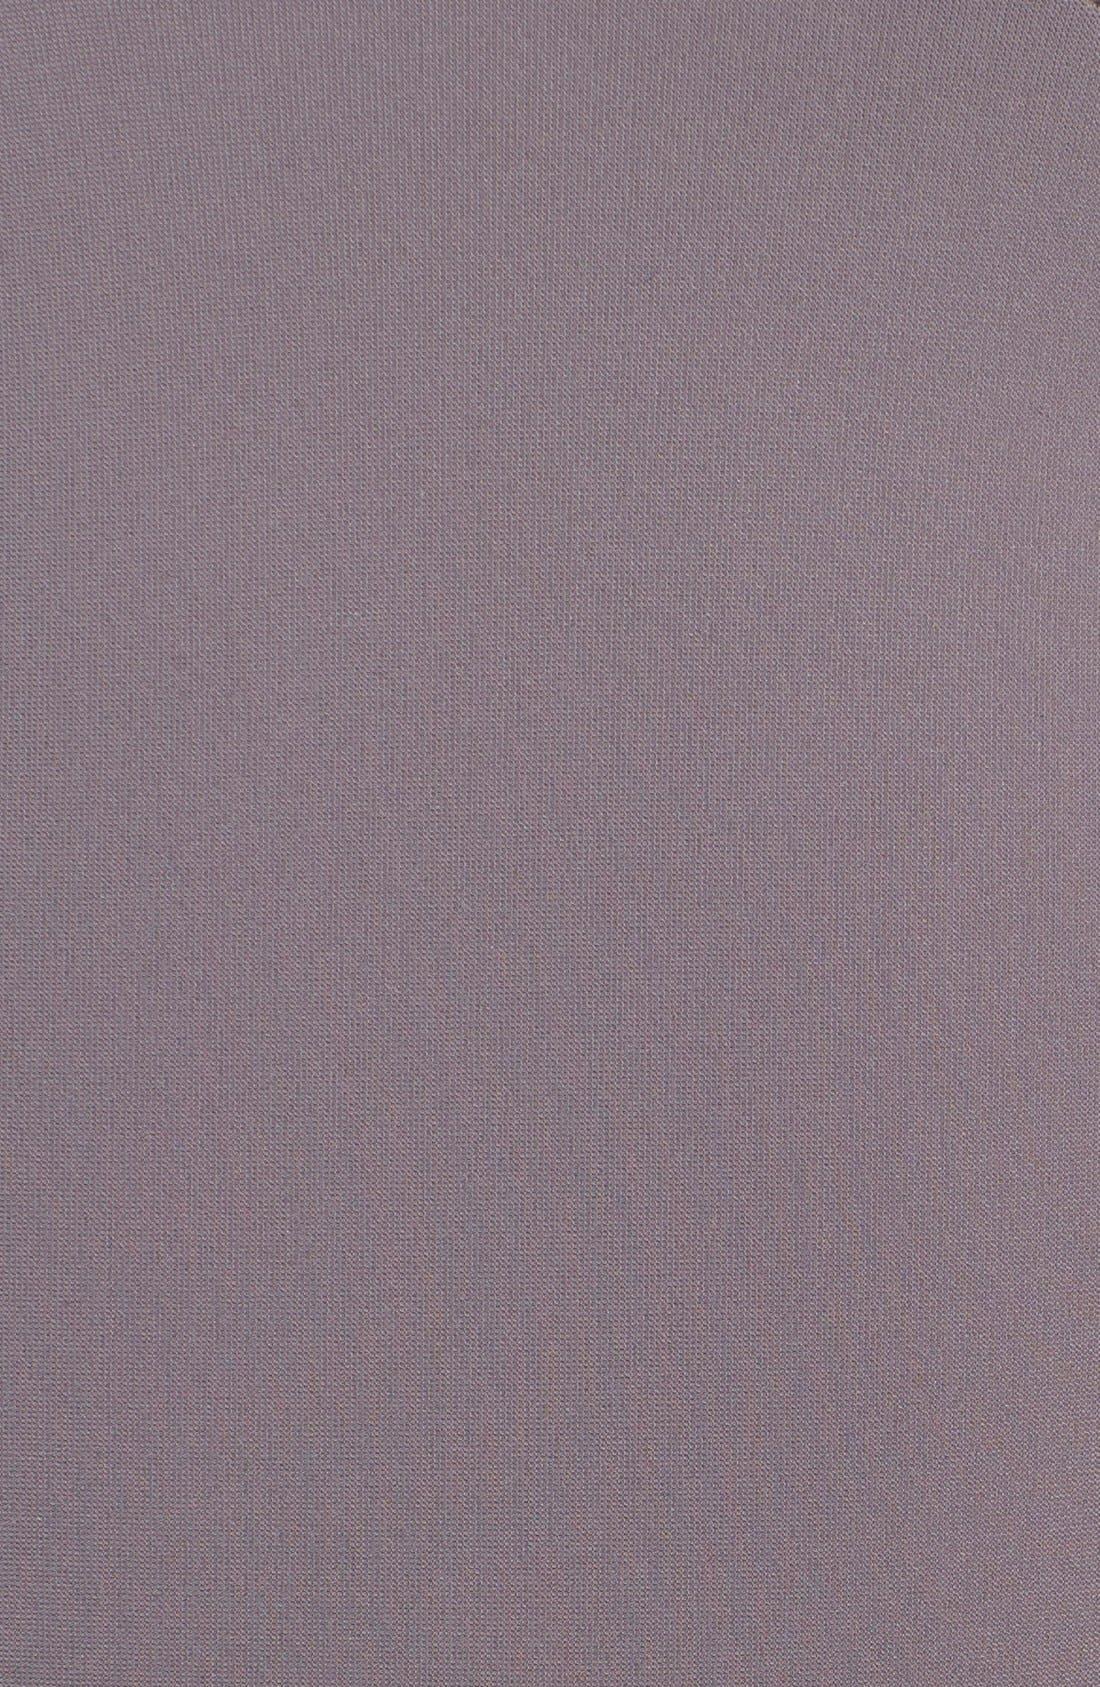 Alternate Image 3  - Tory Burch 'Lipsi' Colorblock One-Piece Swimsuit